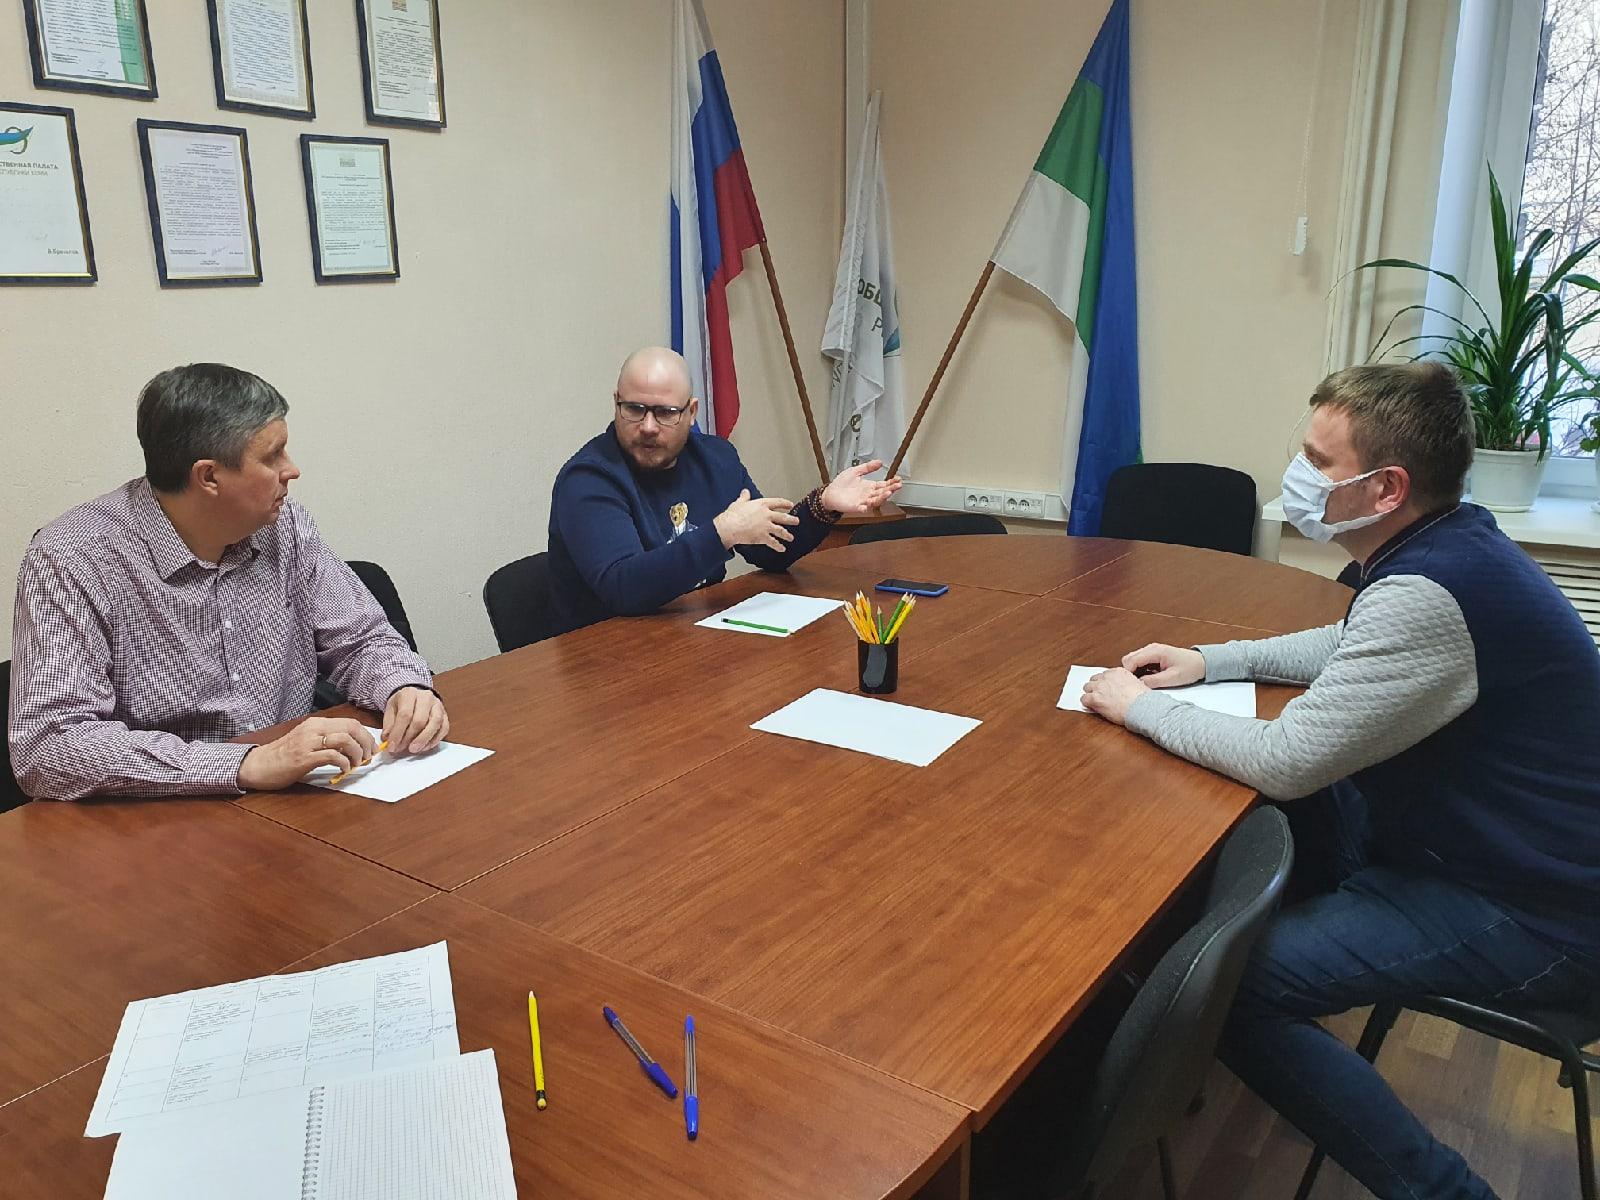 Депутат «ЗА!» предложил создать реабилитационный центр для диких животных в Республике Коми 1